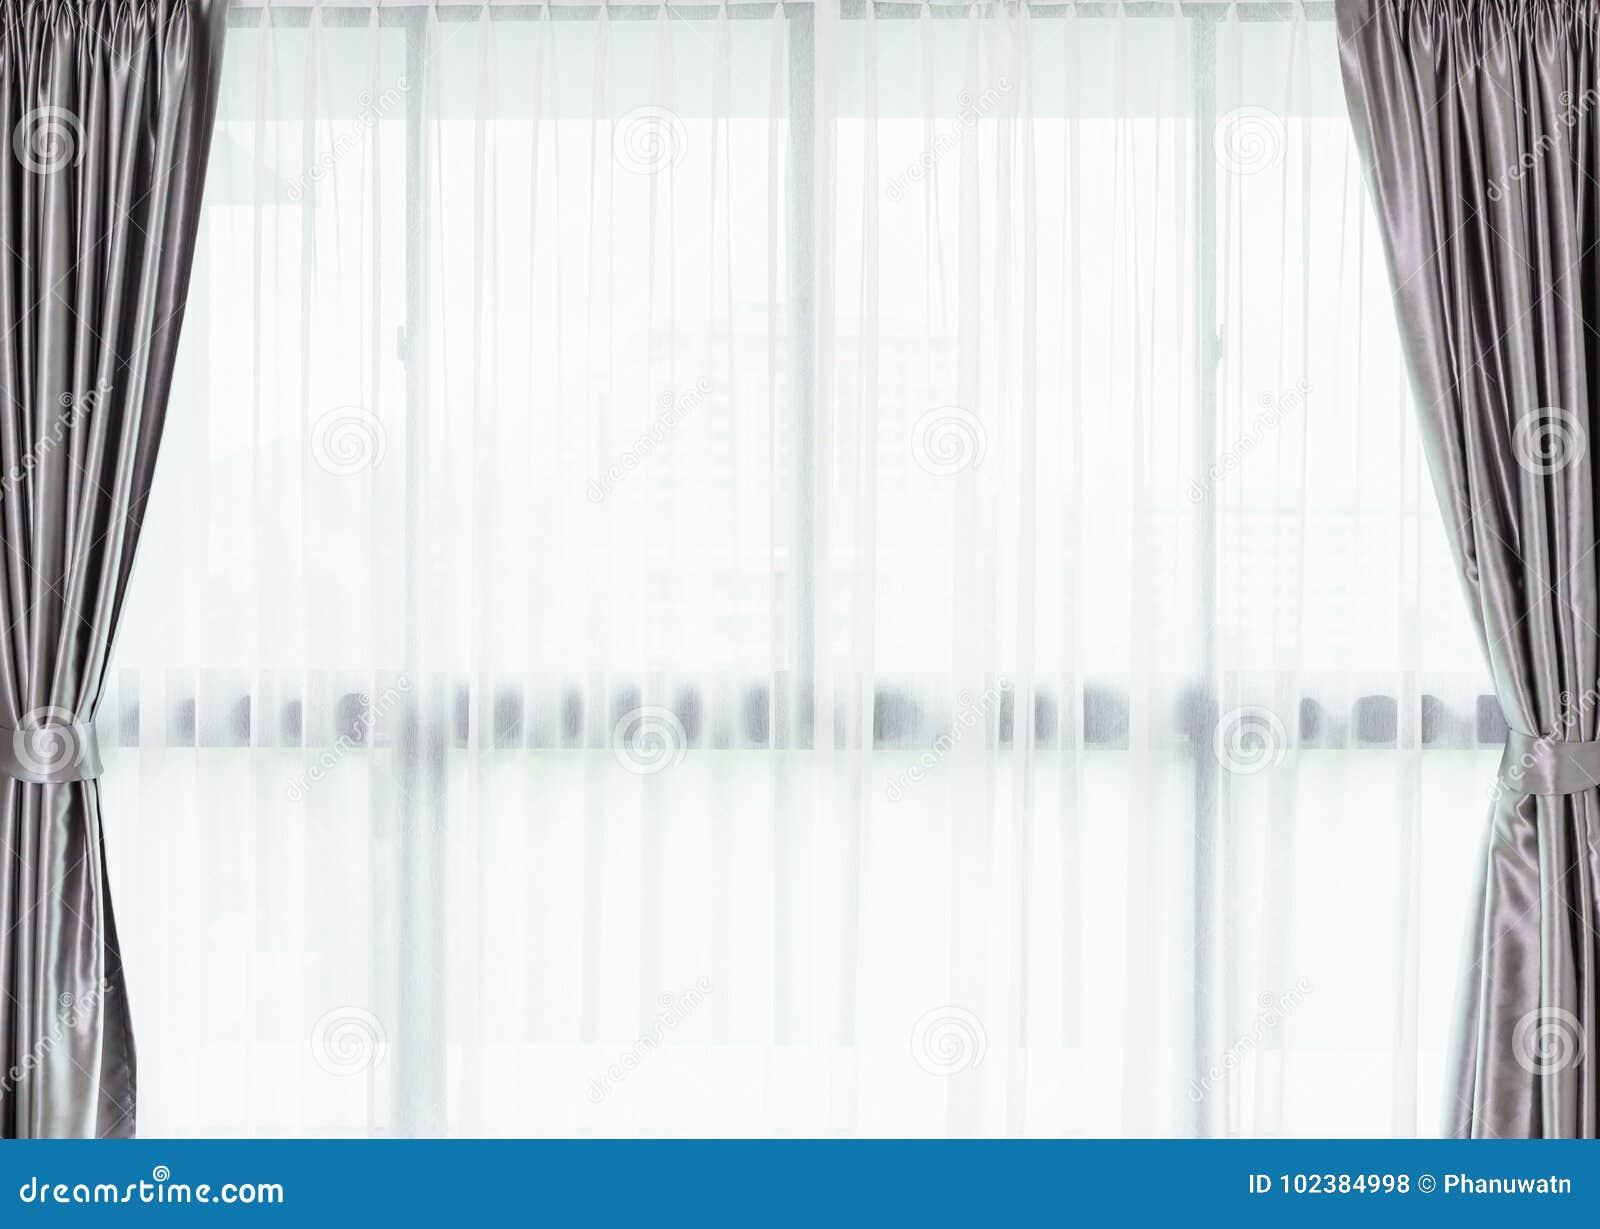 Decoration Maison Interieur Rideaux rideau blanc à l'intérieur de la fenêtre décoration